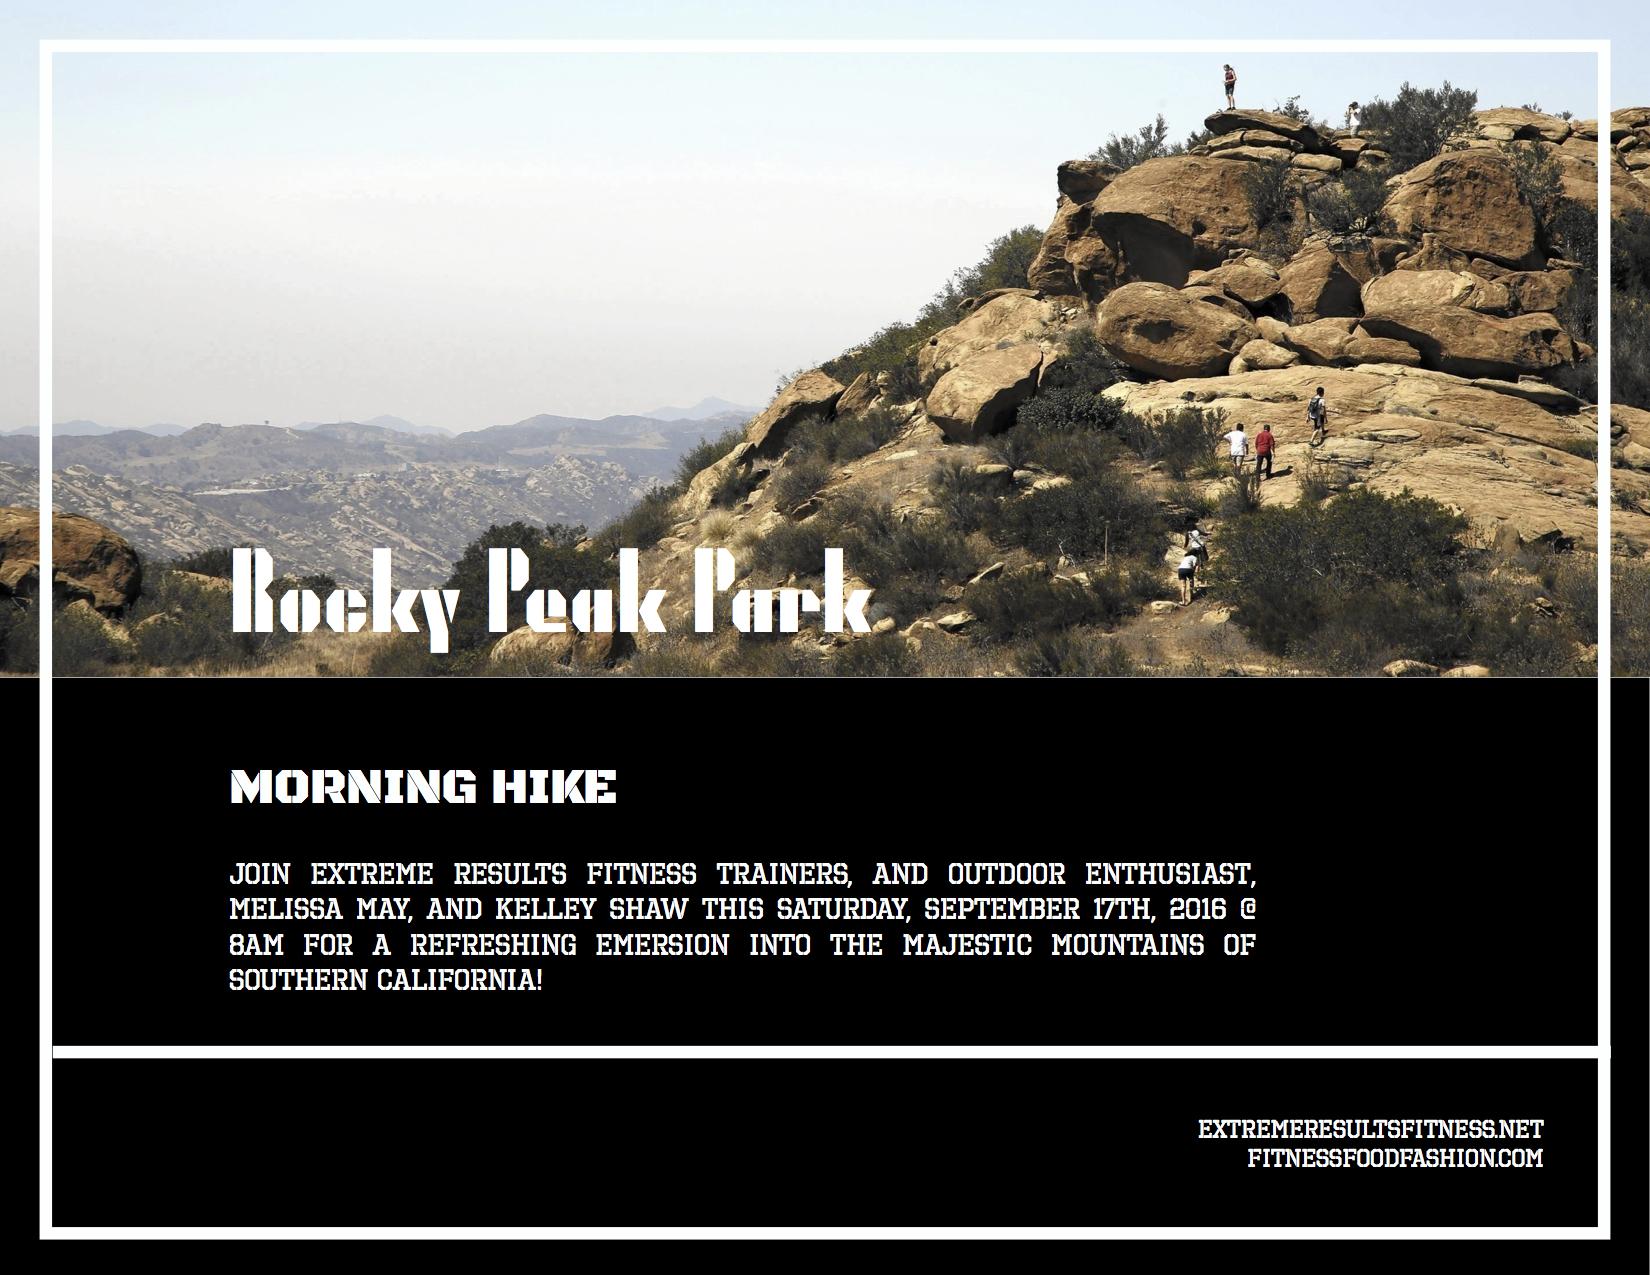 rockypeakpark